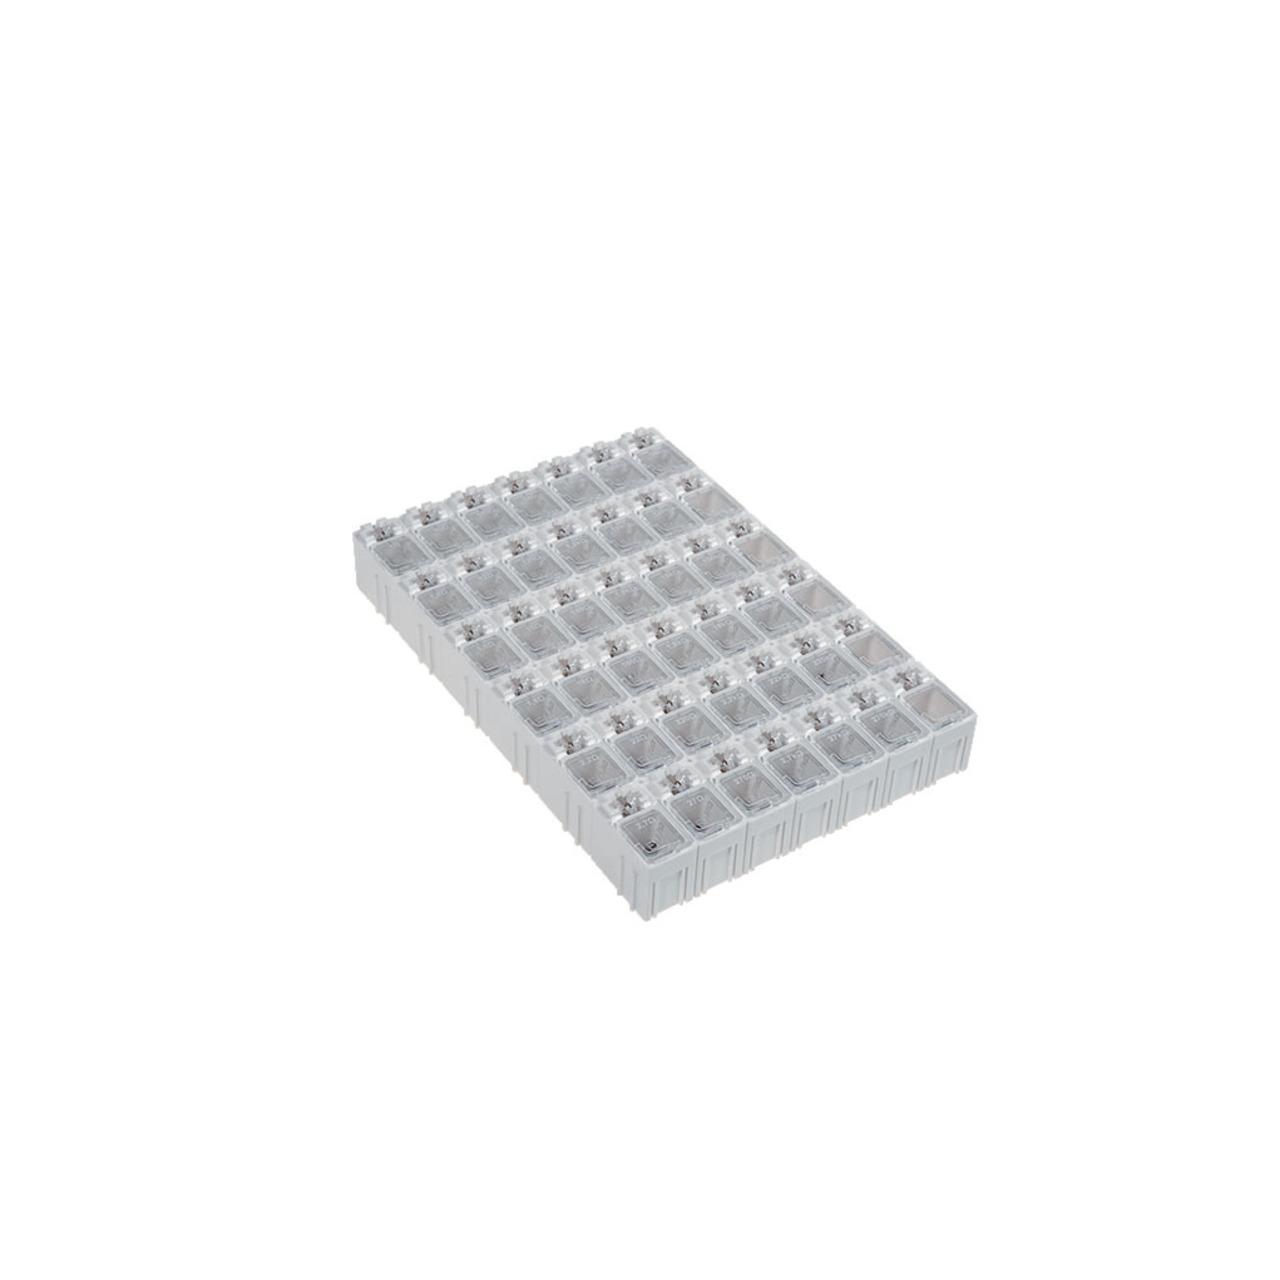 Widerstands-Sortiment in SMD-Sortierbox- gefüllt mit je 50 Widerständen 0 Ohm - 1 MOhm- 0805